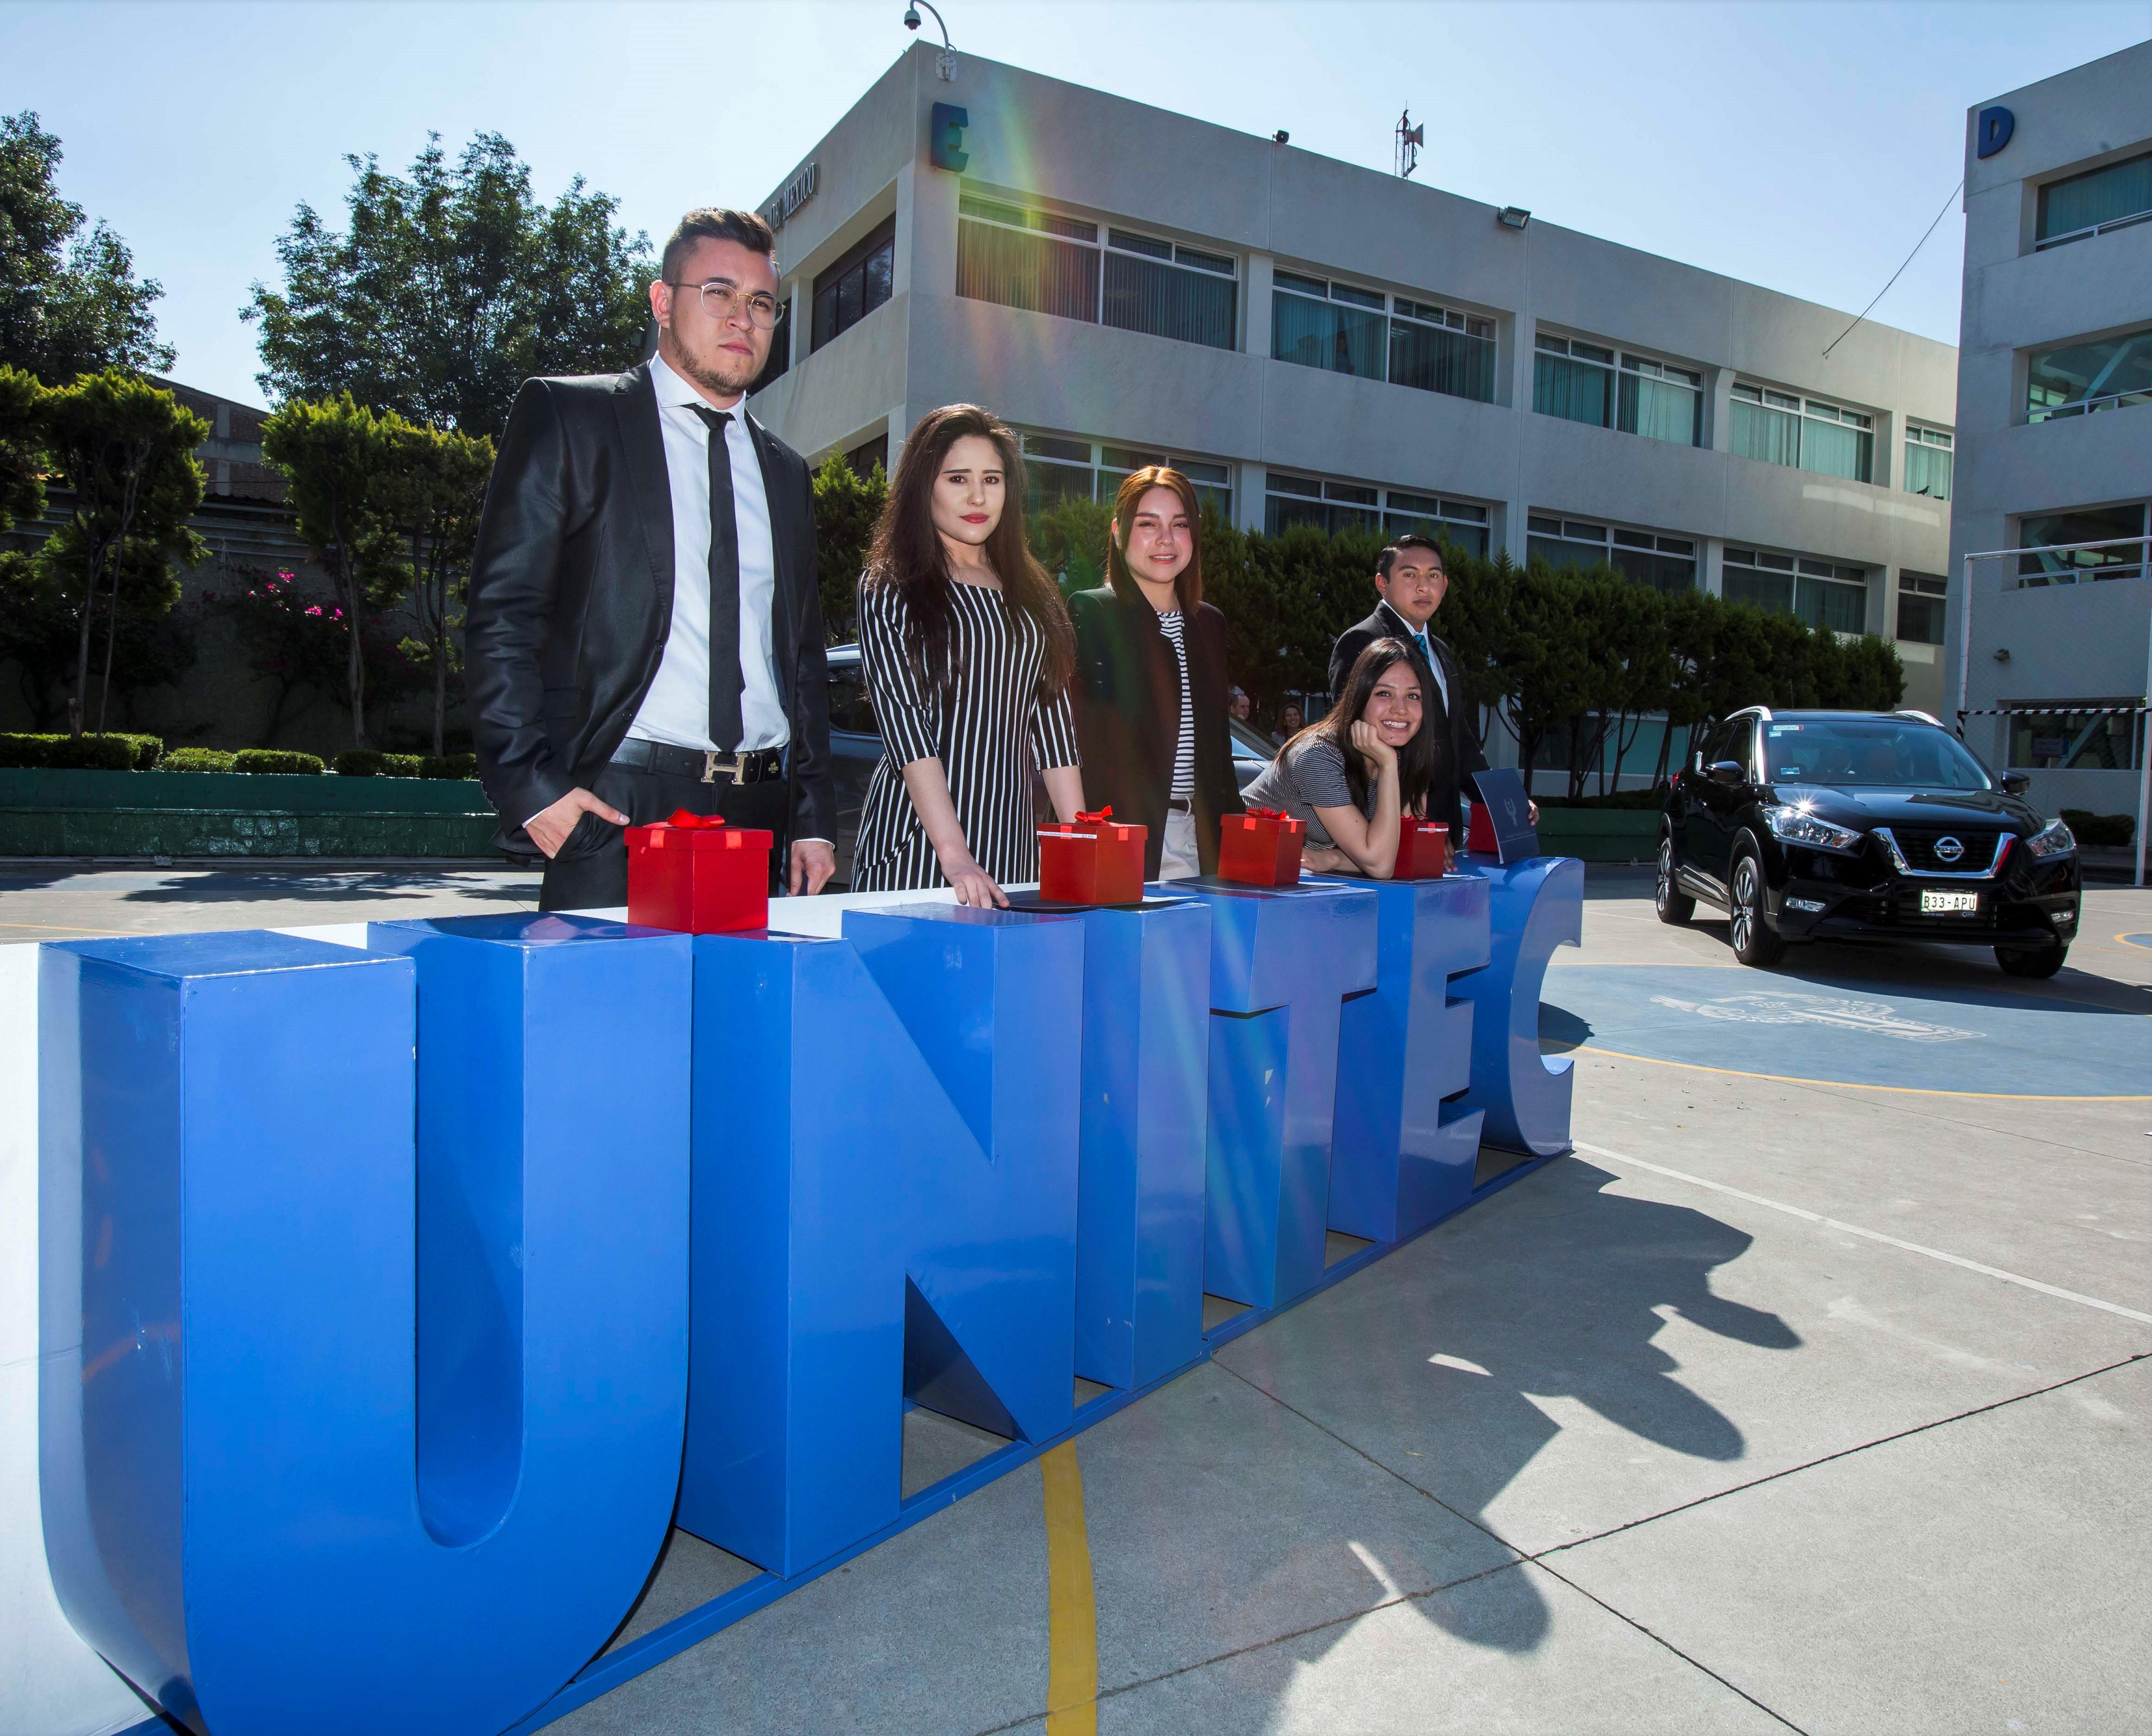 Nissan y UNITEC reconocen el talento universitario de 10 estudiantes - Featured Image